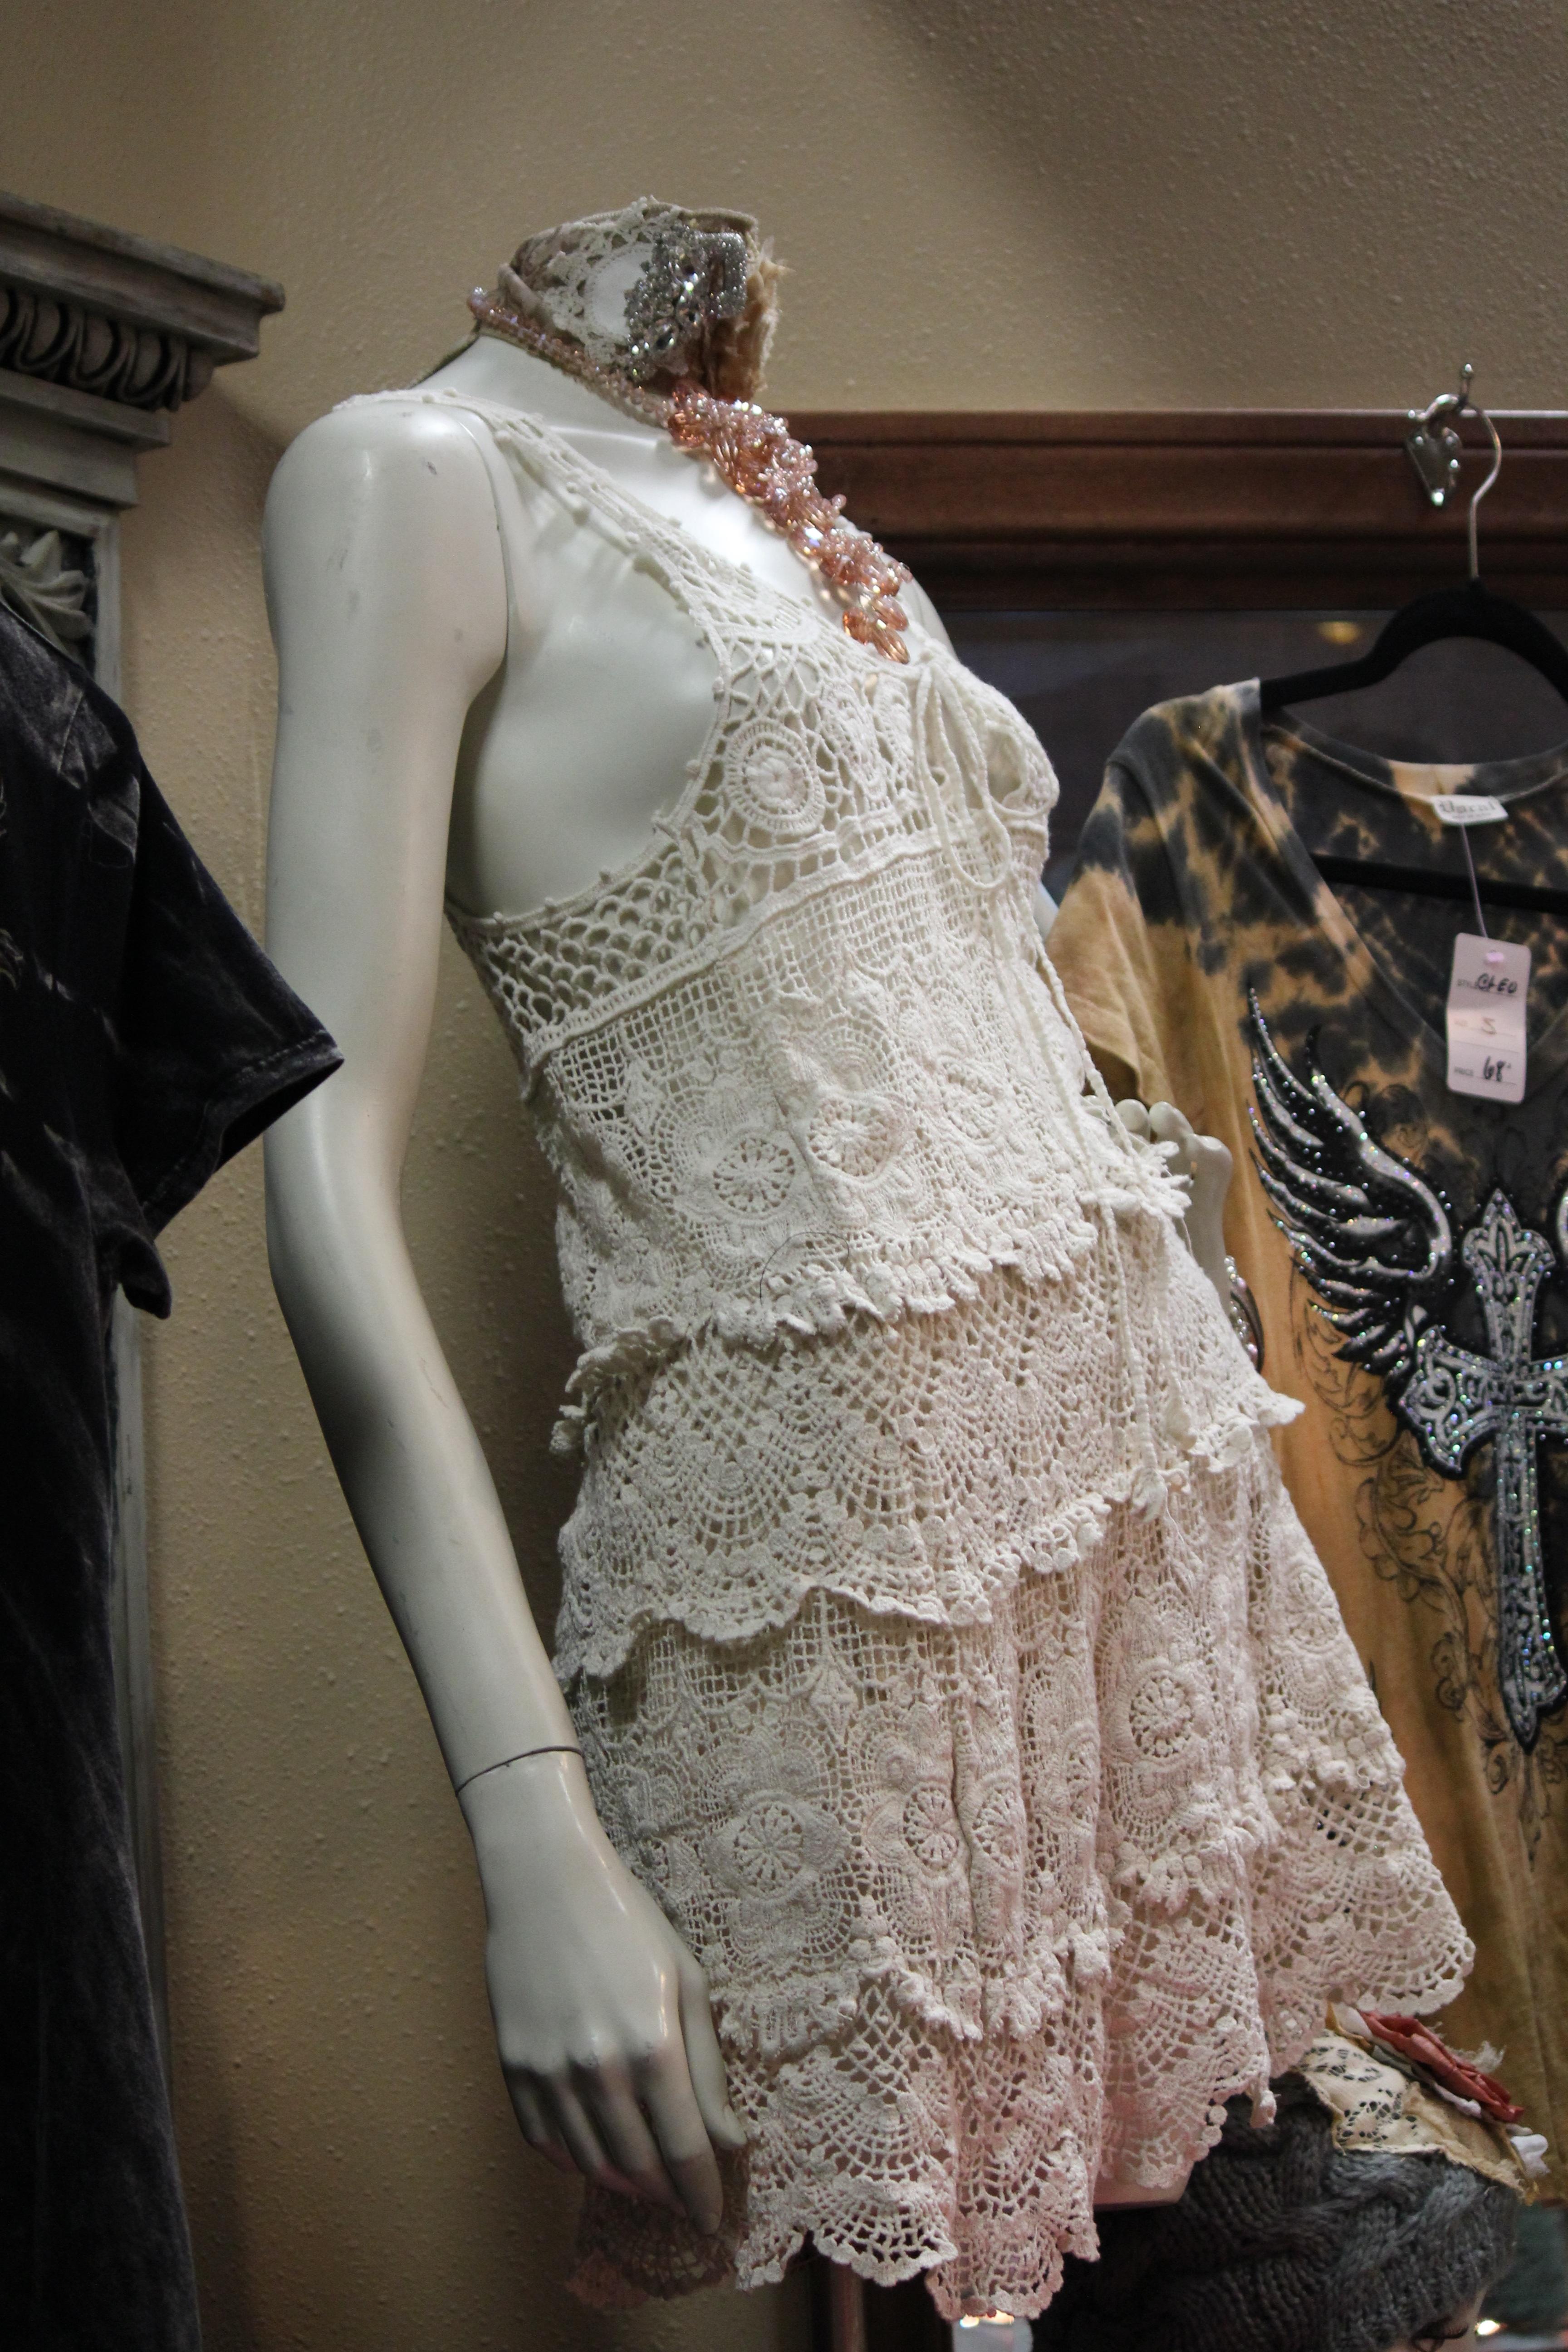 Model Lace Fashion Clothing Lady Wedding Dress Bride Lingerie Mannequin  Textile Art Dress Gown Veil Fashion